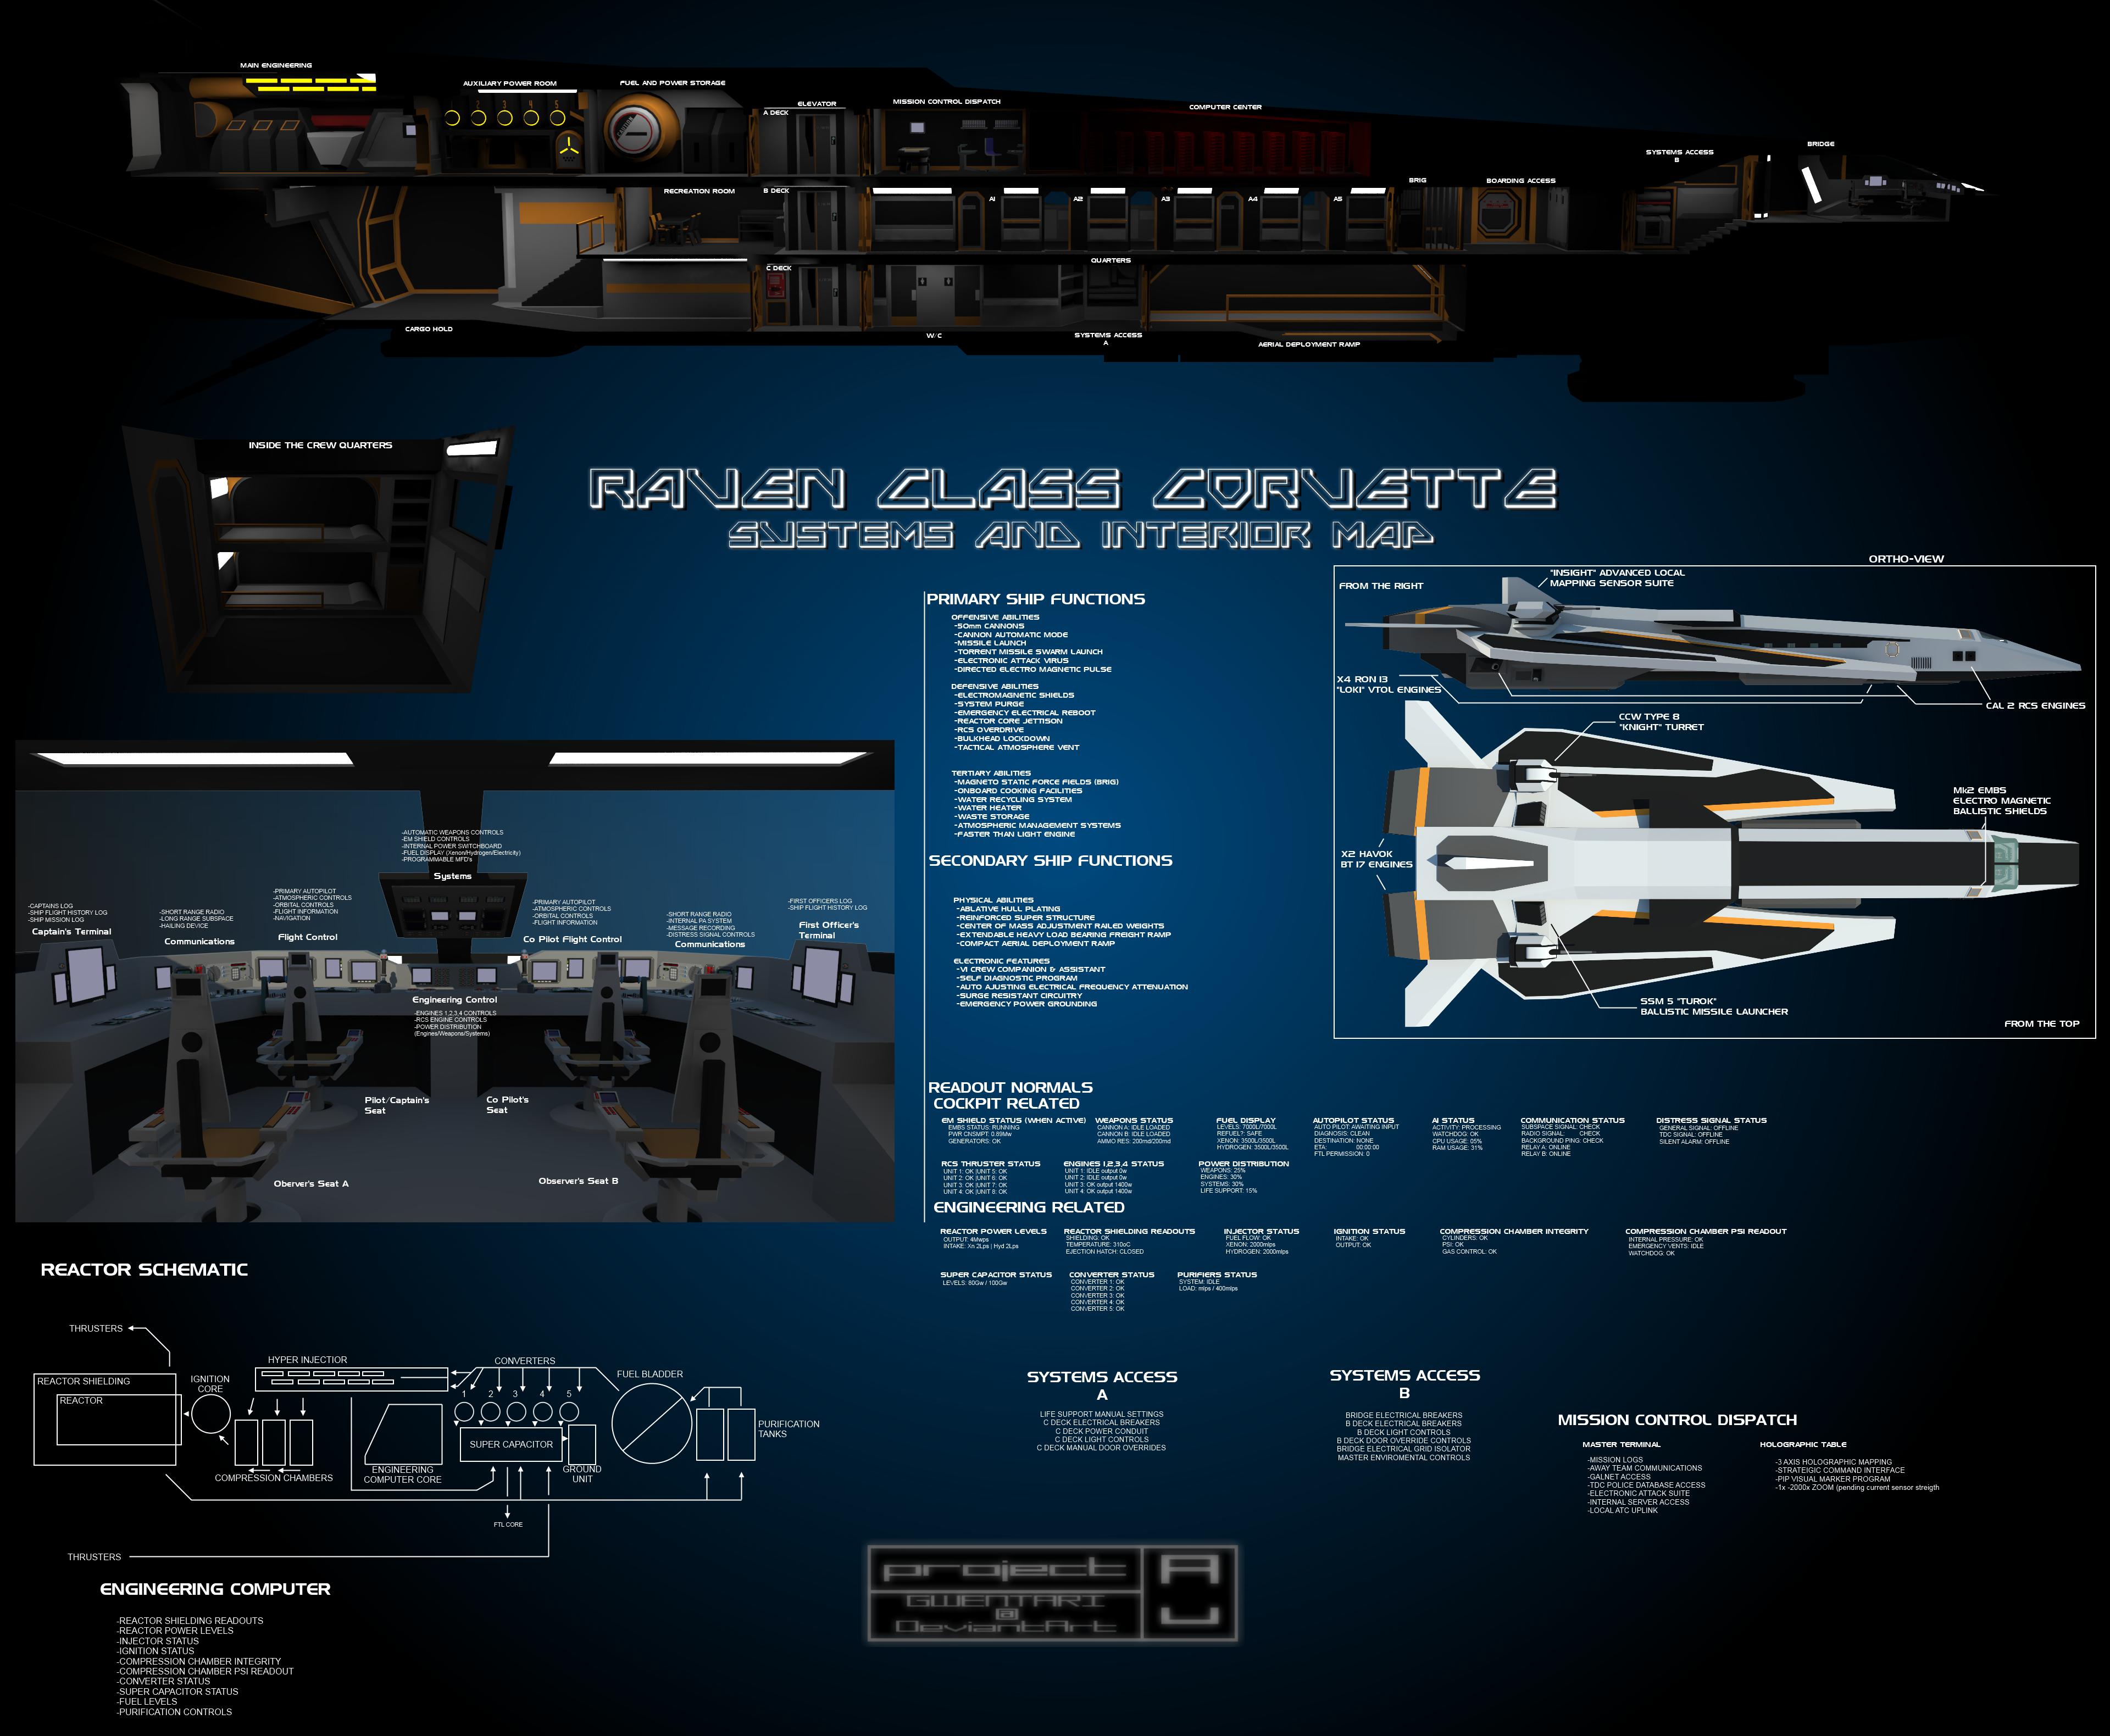 Raven Class Corvette by Gwentari